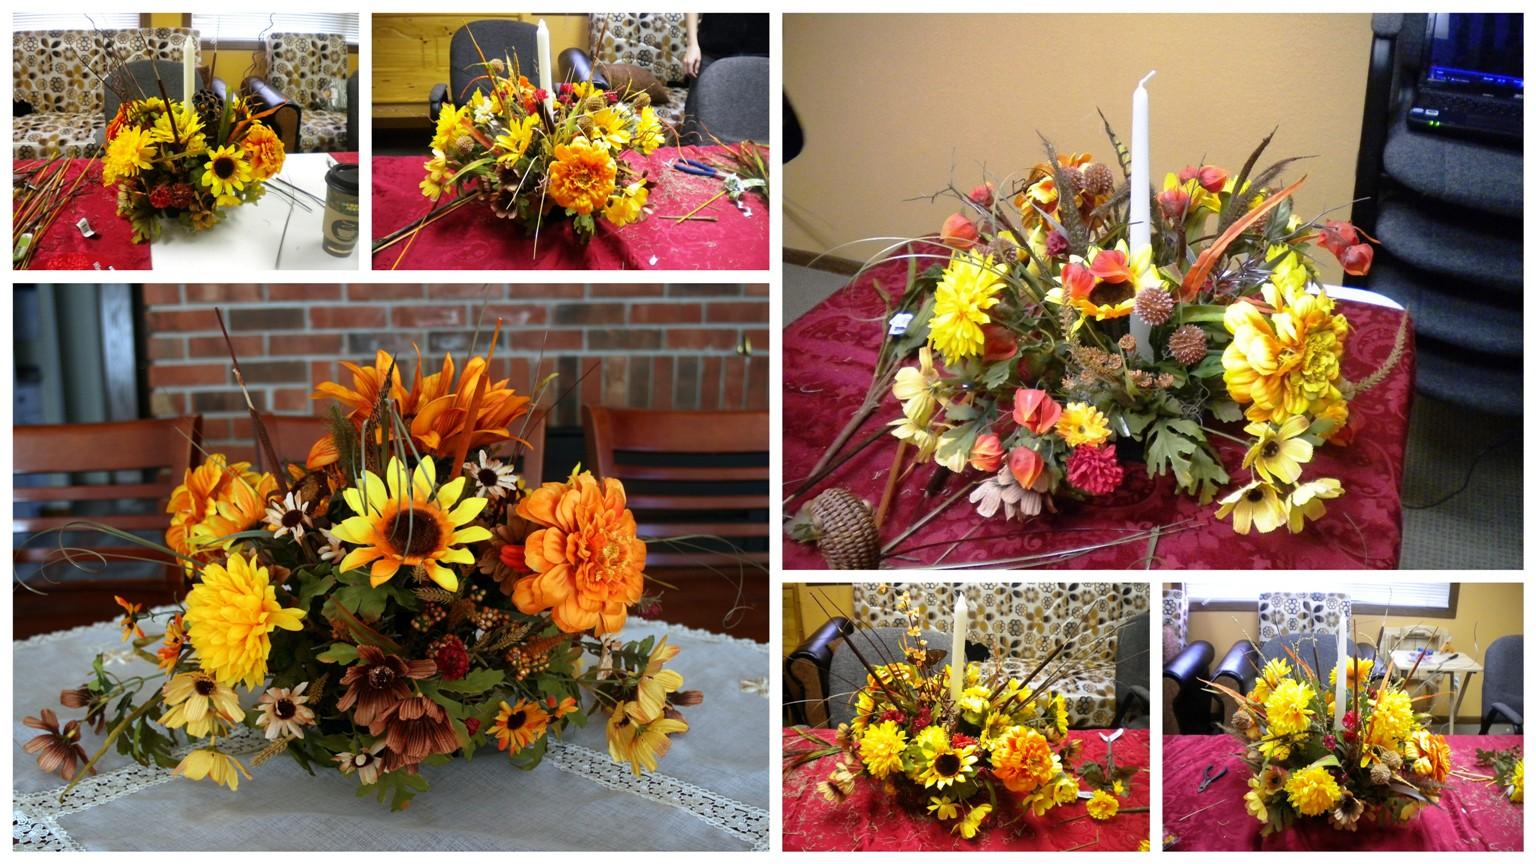 http://2.bp.blogspot.com/_LXOanZoVyjs/TPMYxrIt6sI/AAAAAAAAAGM/AWVUGduGz_o/s1600/Flower%2BDesign%2BClass%2B-%2BFall%2BCenterpiece3-kucuk.jpg